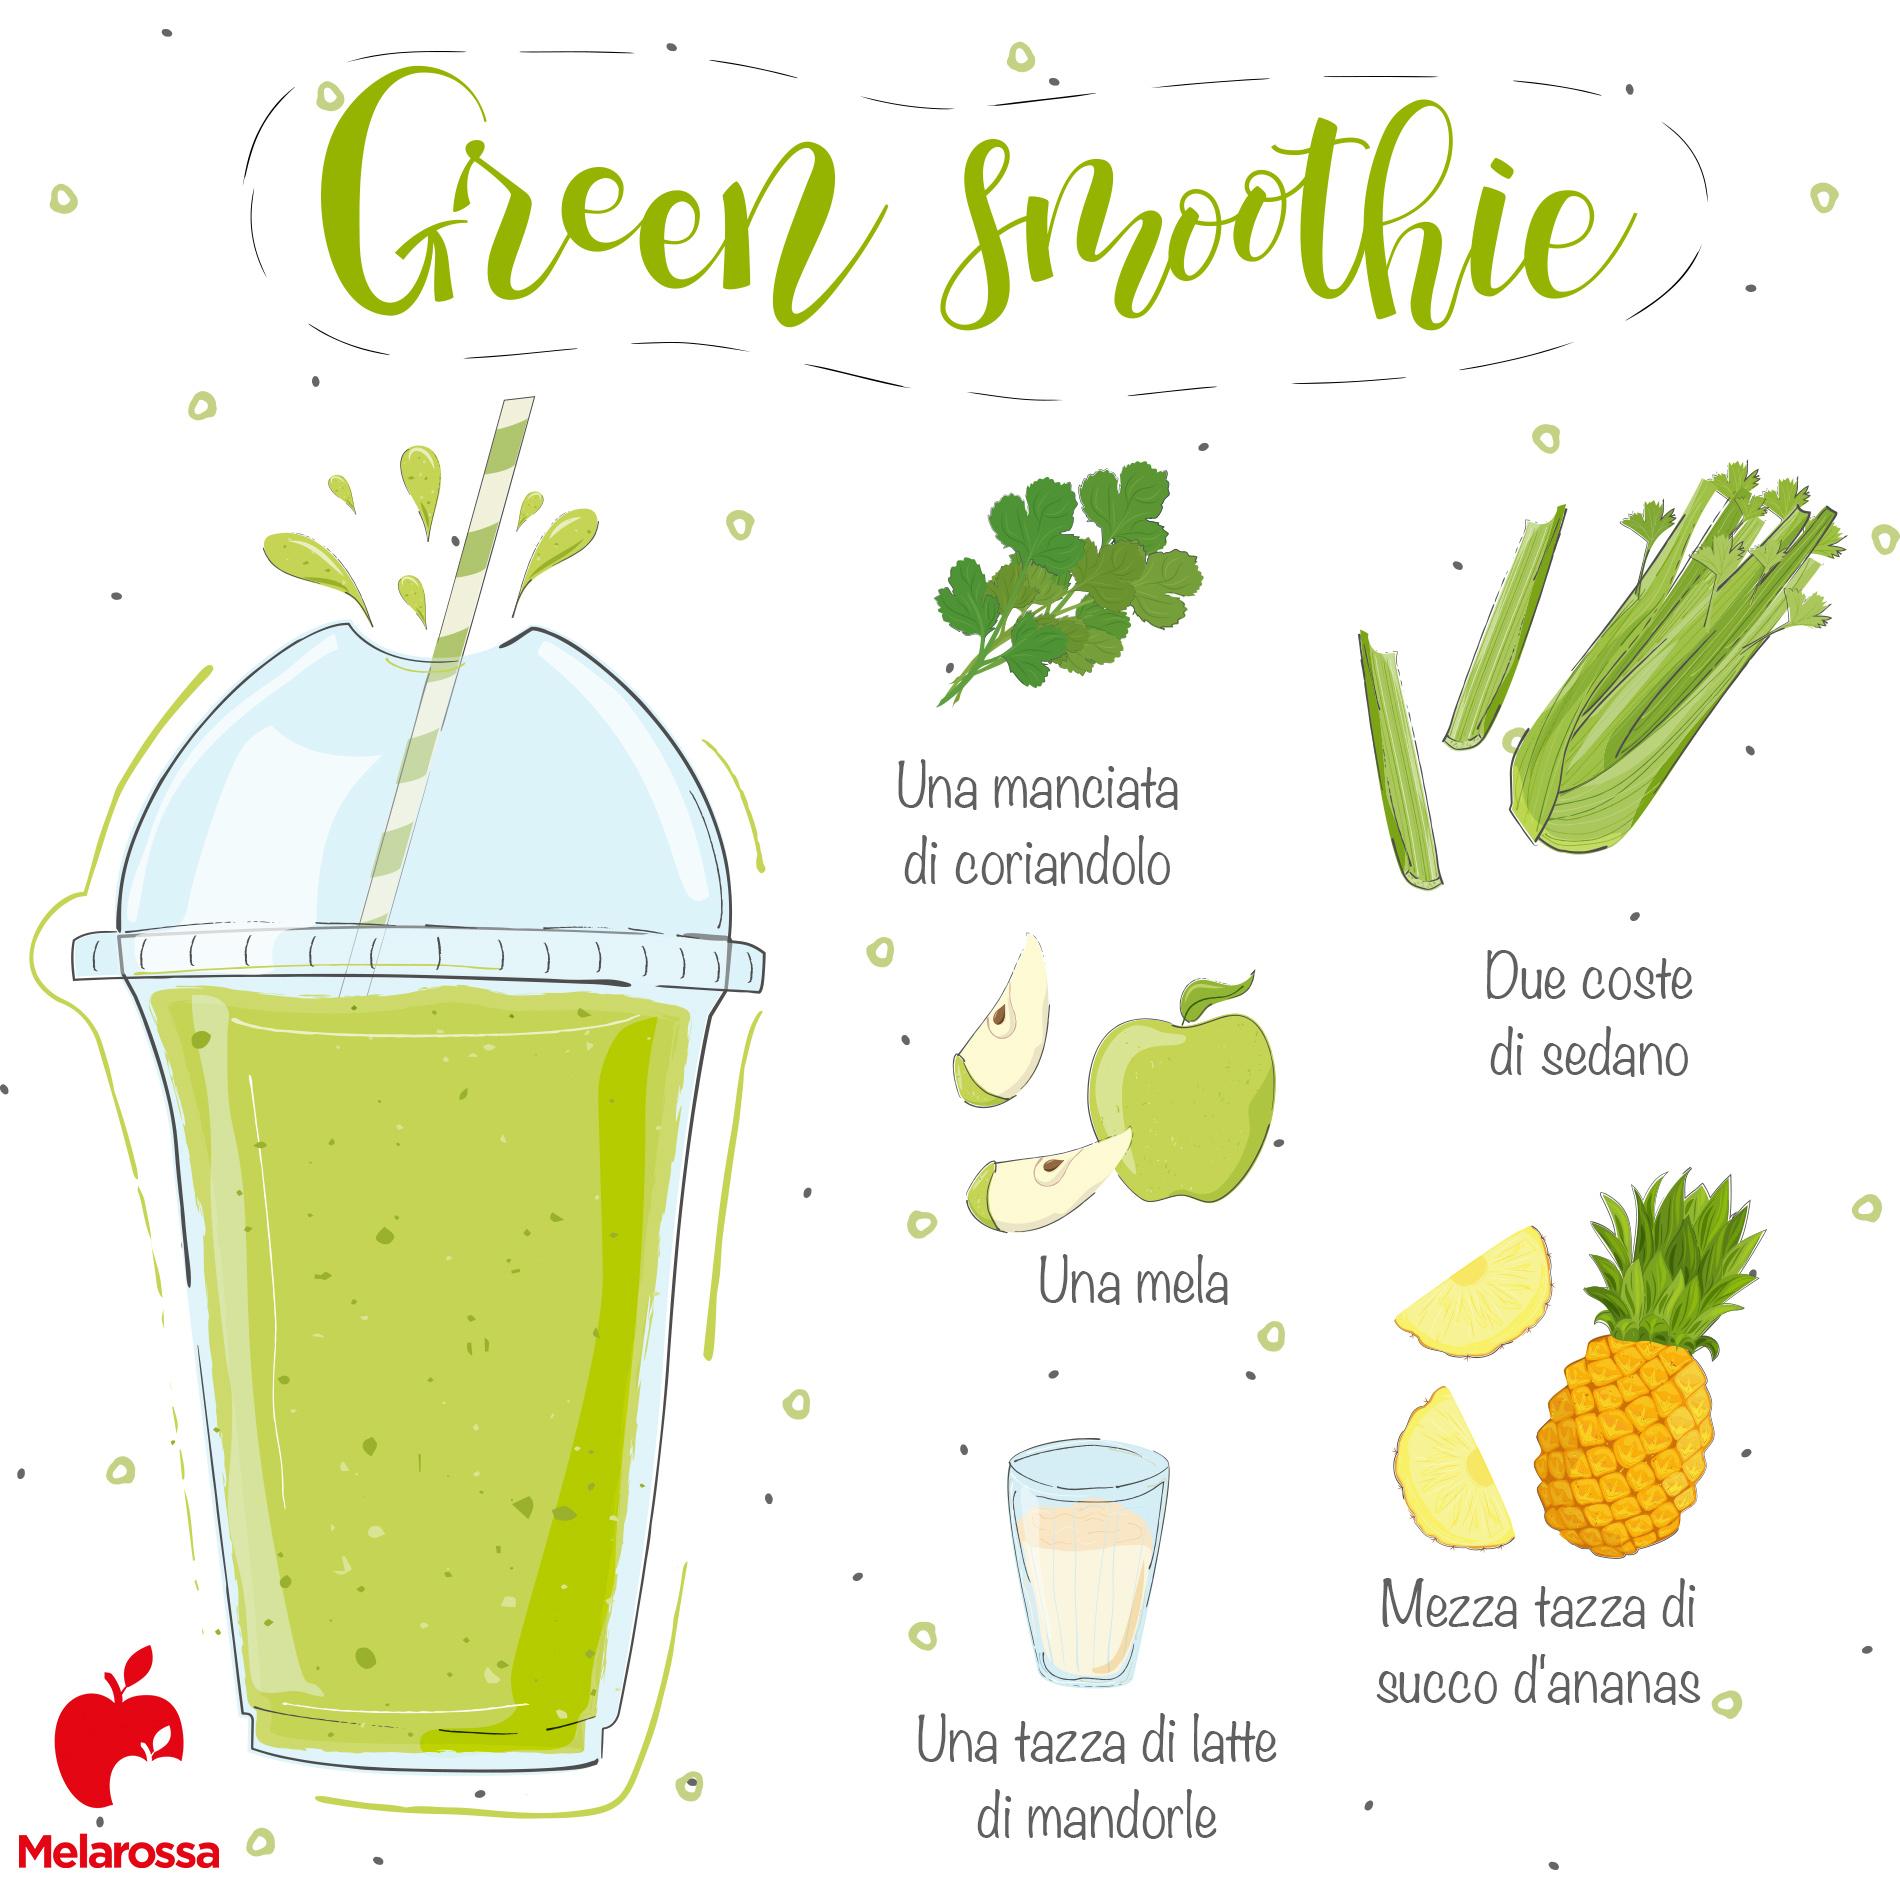 cetriolo: green smoothie